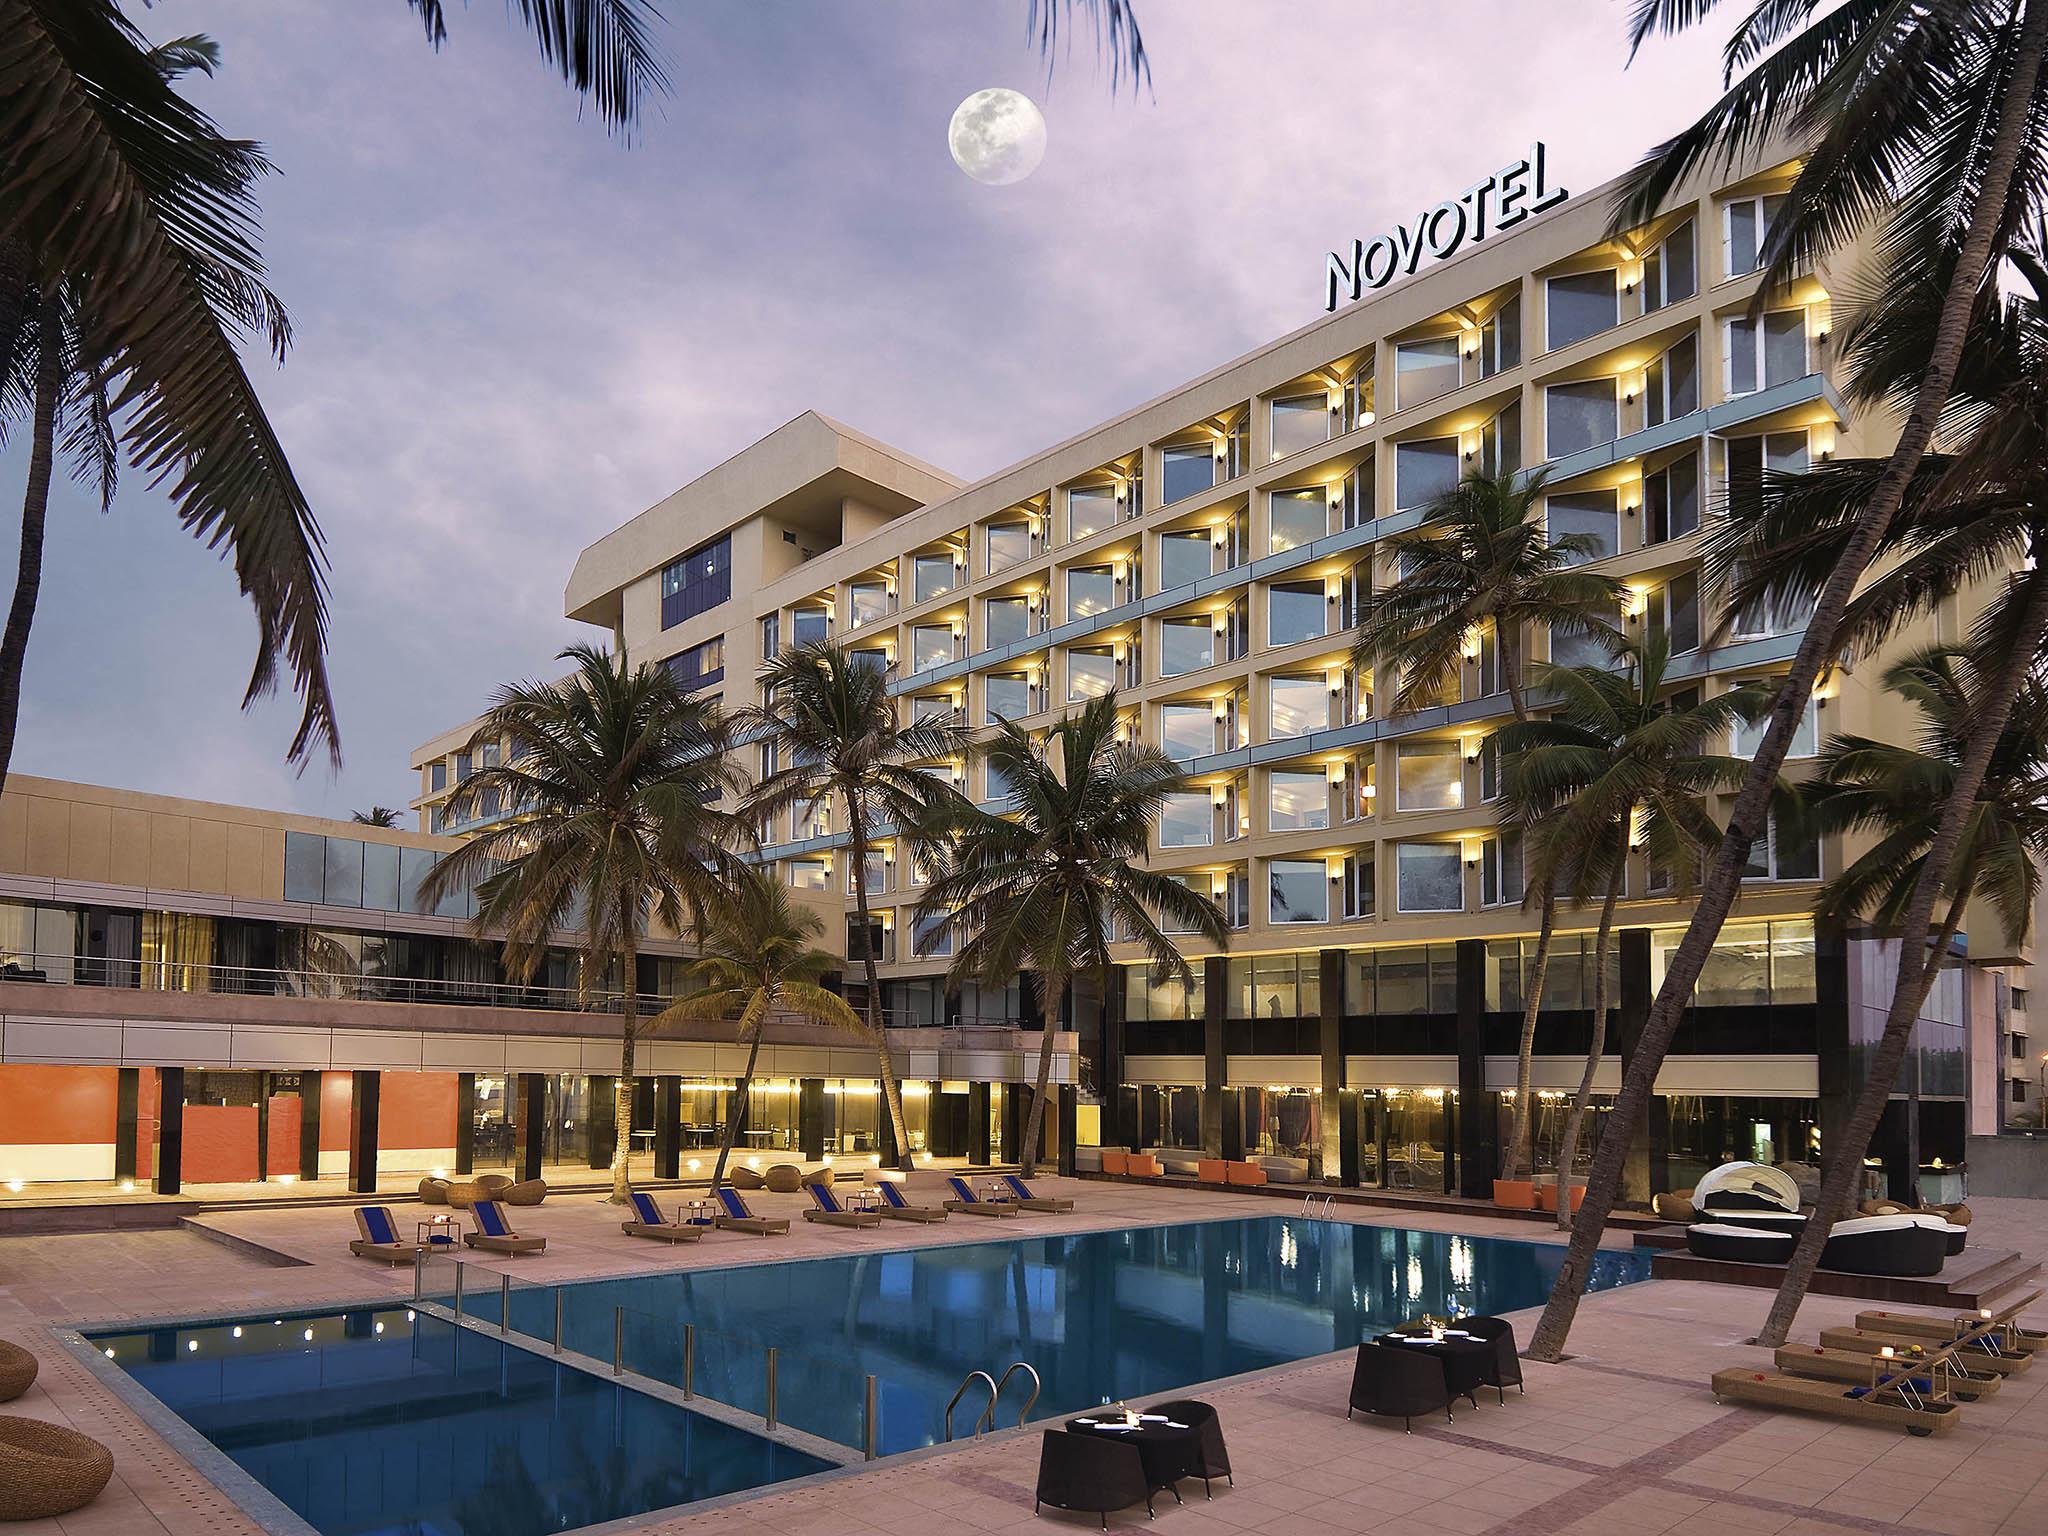 فندق - نوفوتيل Novotel مومباي جوهو بيتش